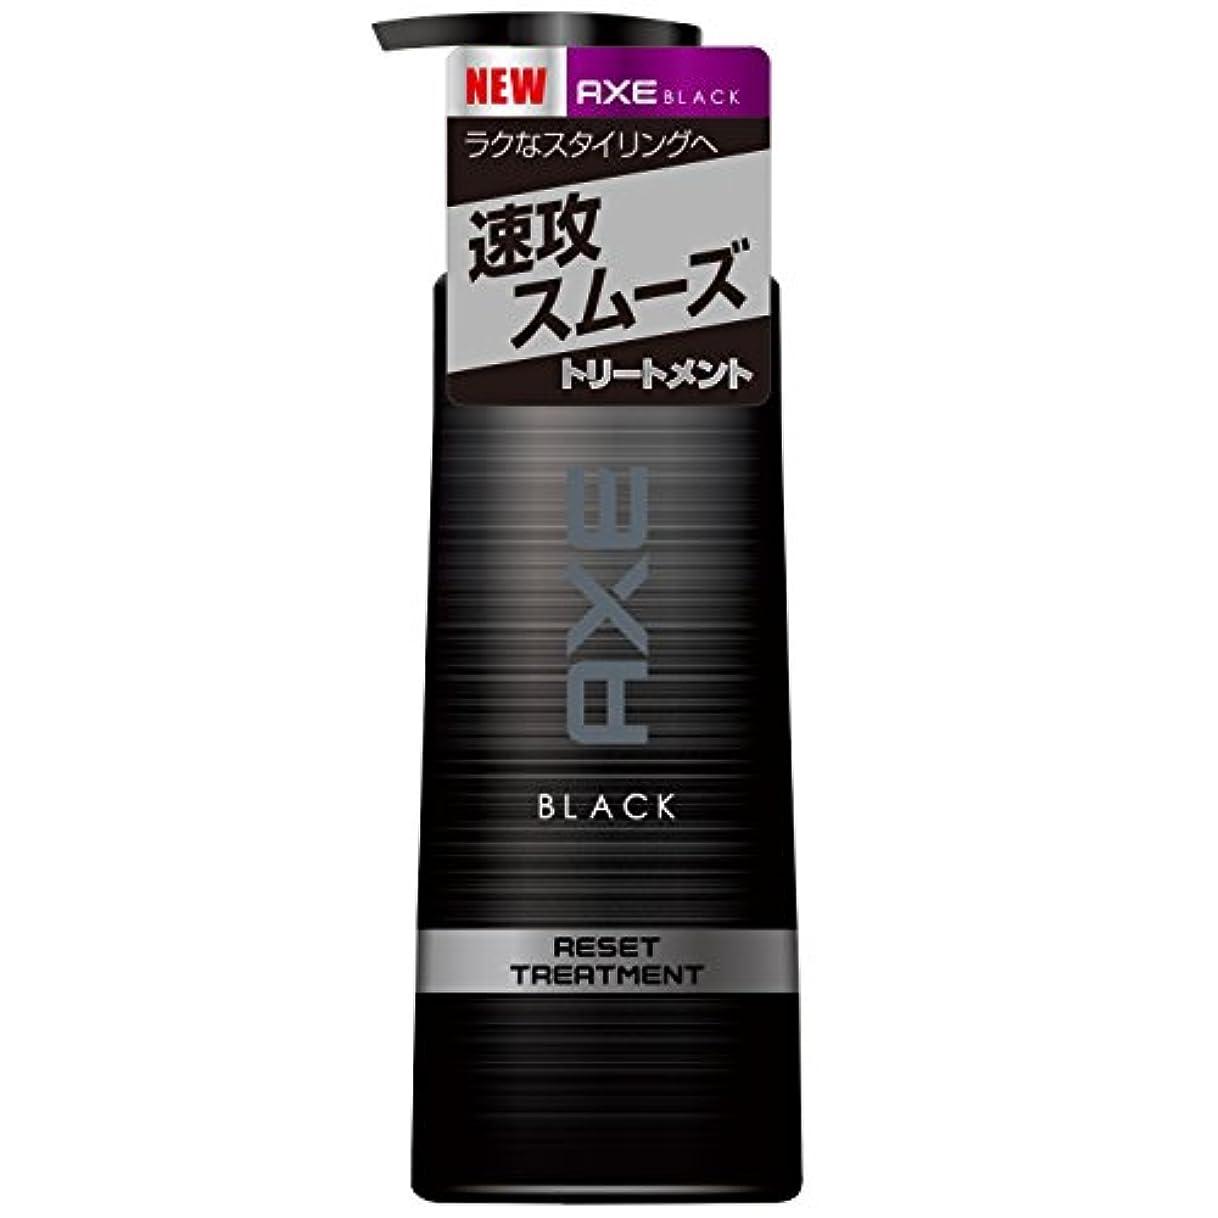 信念ガラガラ淡いアックス ブラック 男性用 トリートメント ポンプ (速攻スムーズ、ラクなスタイリングへ) 350g (クールマリンのさりげない香り)